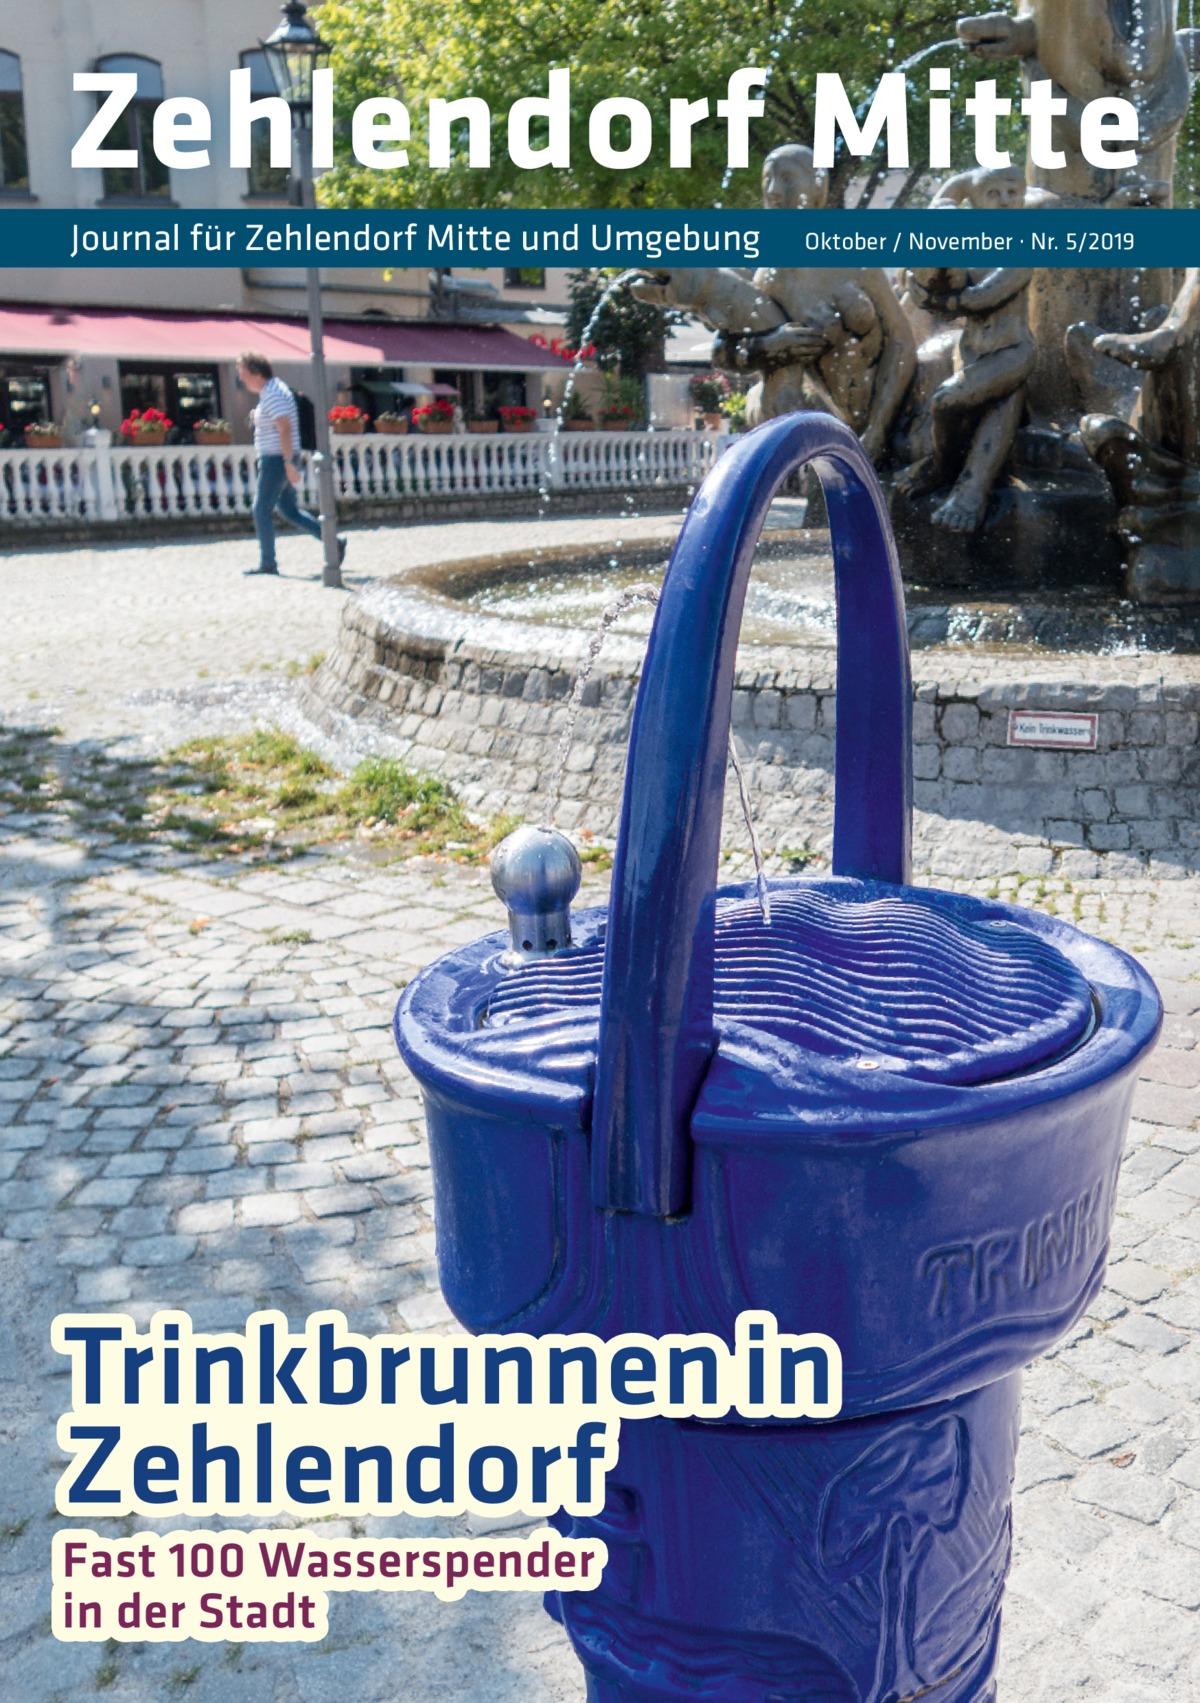 Zehlendorf Mitte Journal für Zehlendorf Mitte und Umgebung  Oktober / November · Nr. 5/2019  Trinkbrunnen in Zehlendorf Fast 100 Wasserspender in der Stadt